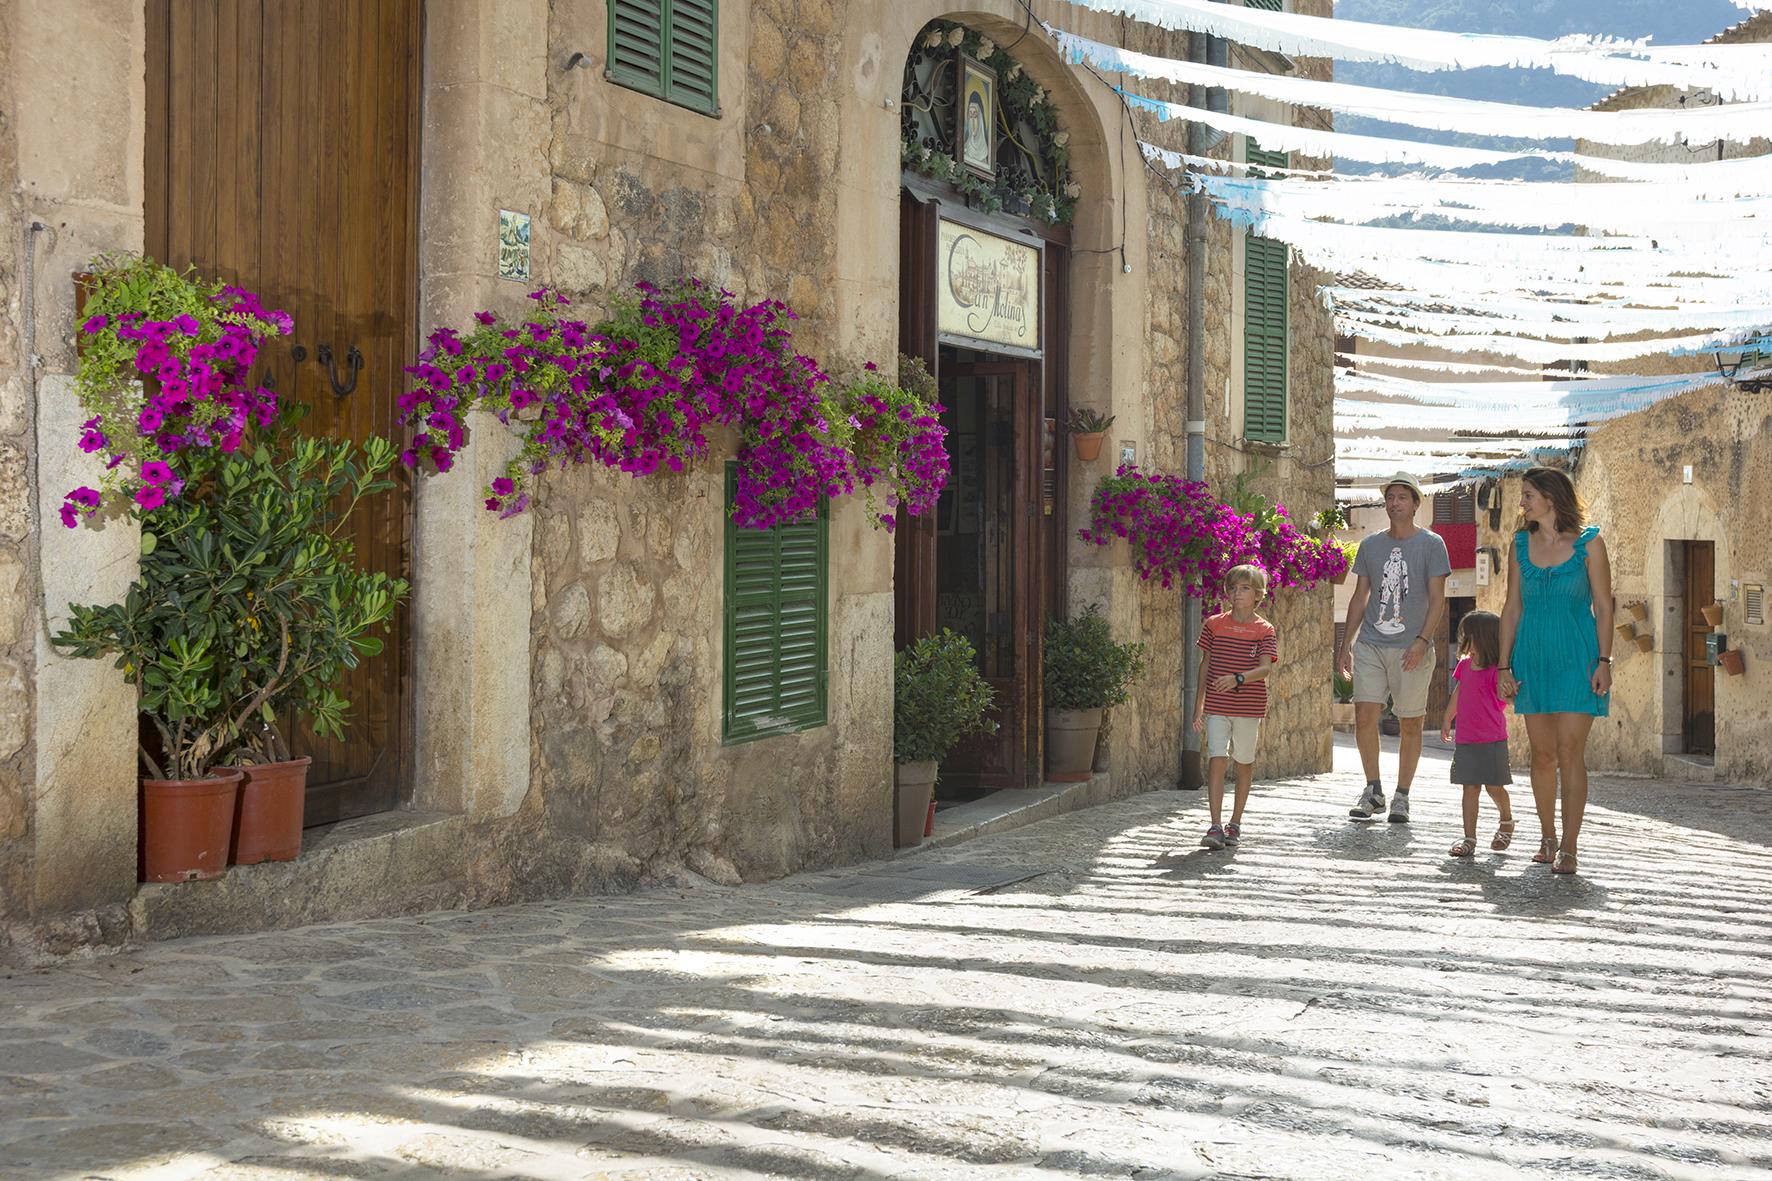 Familia de paseo por el pueblo Valldemossa en Mallorca